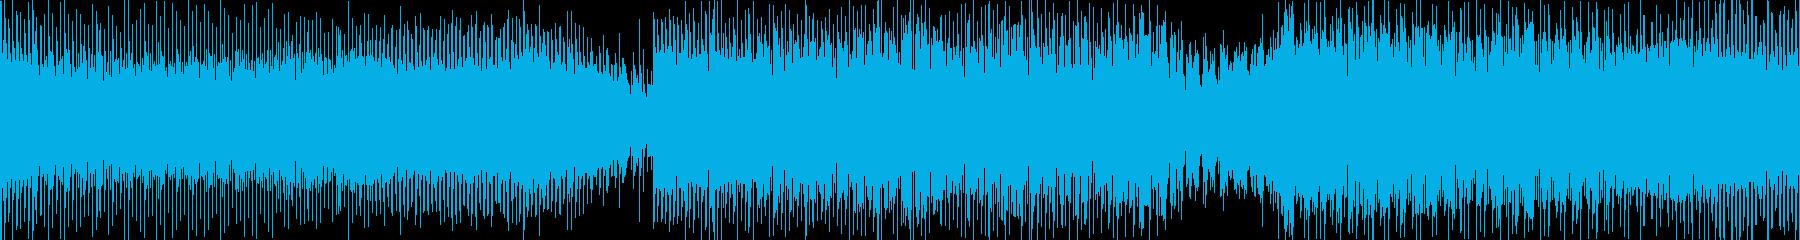 身体を揺さぶられるようなテクノポップの再生済みの波形